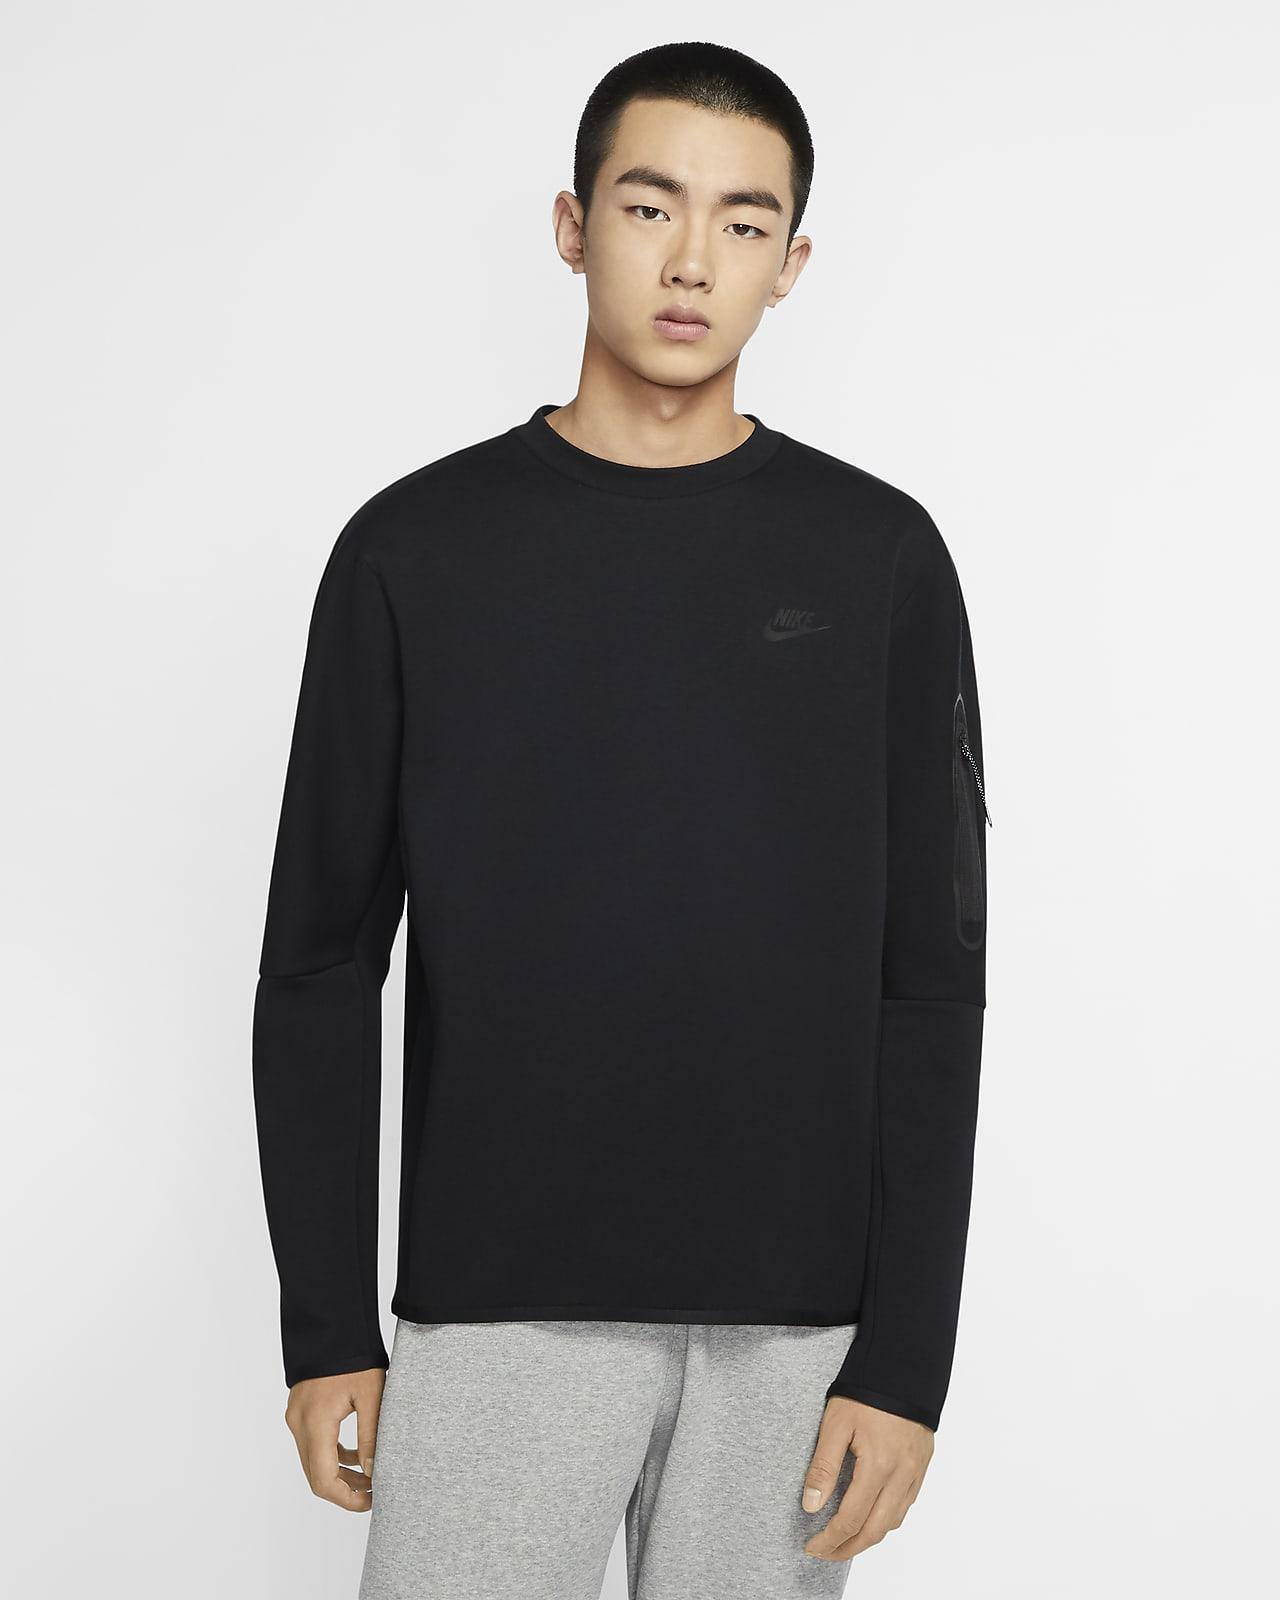 เสื้อคอกลมผู้ชาย Nike Sportswear Tech Fleece